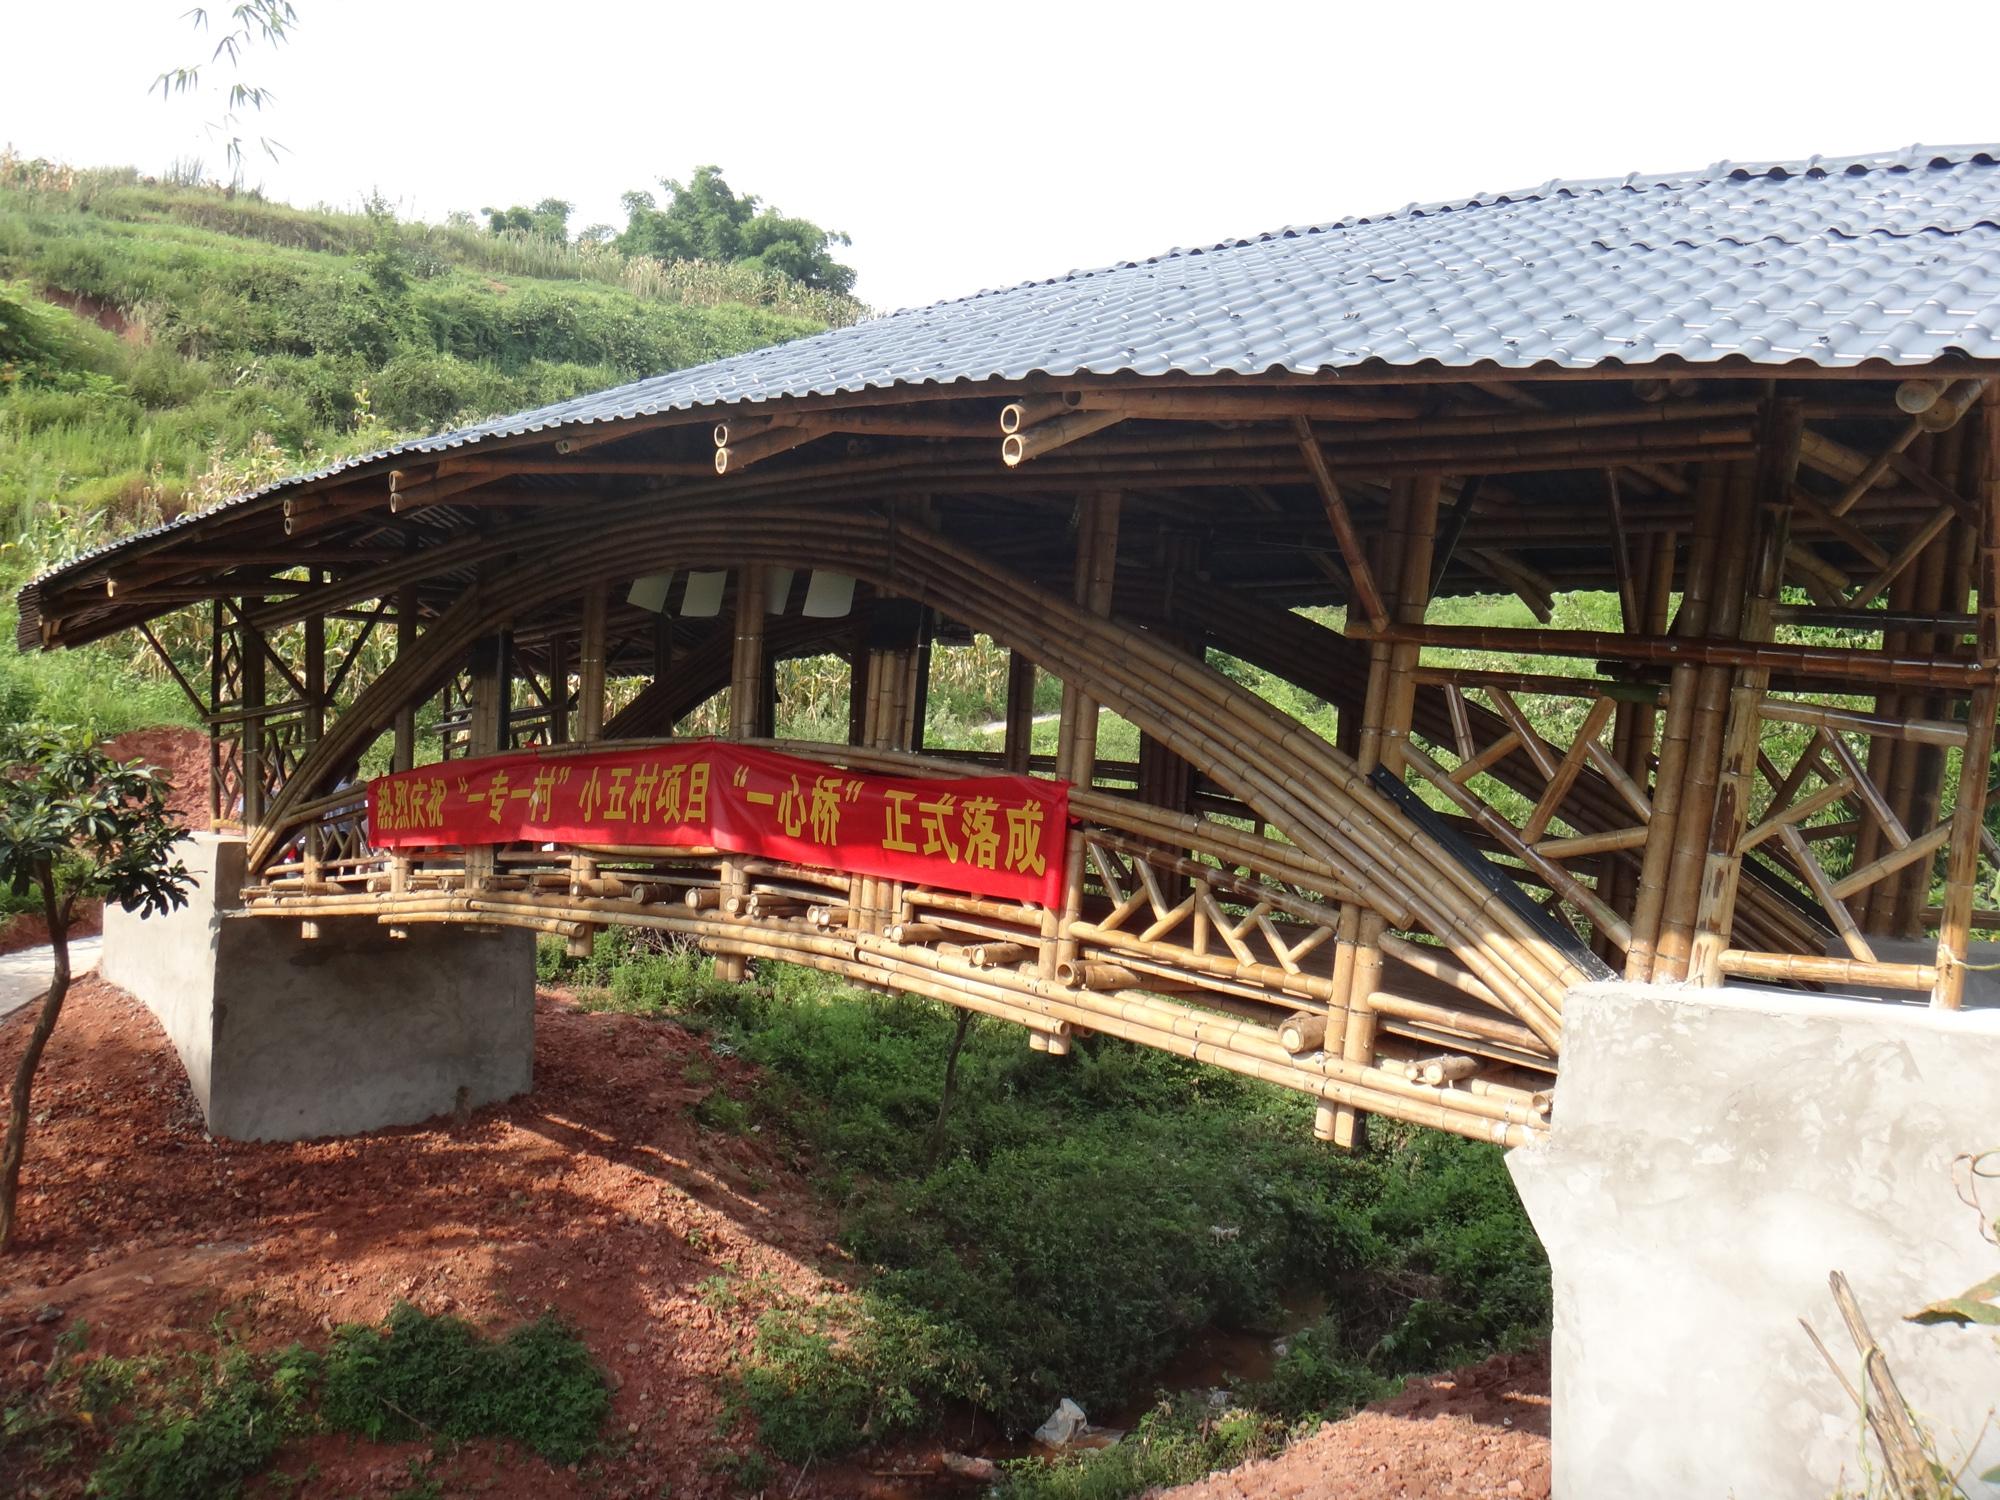 位於重慶渝北區小五村的「一心橋」以可持續發展理念及現代力學知識、優化中國傳統竹橋設計及施工方案而建成,解決當地貧困村民的過河困難。剪綵及揭碑儀式於7月31日進行。